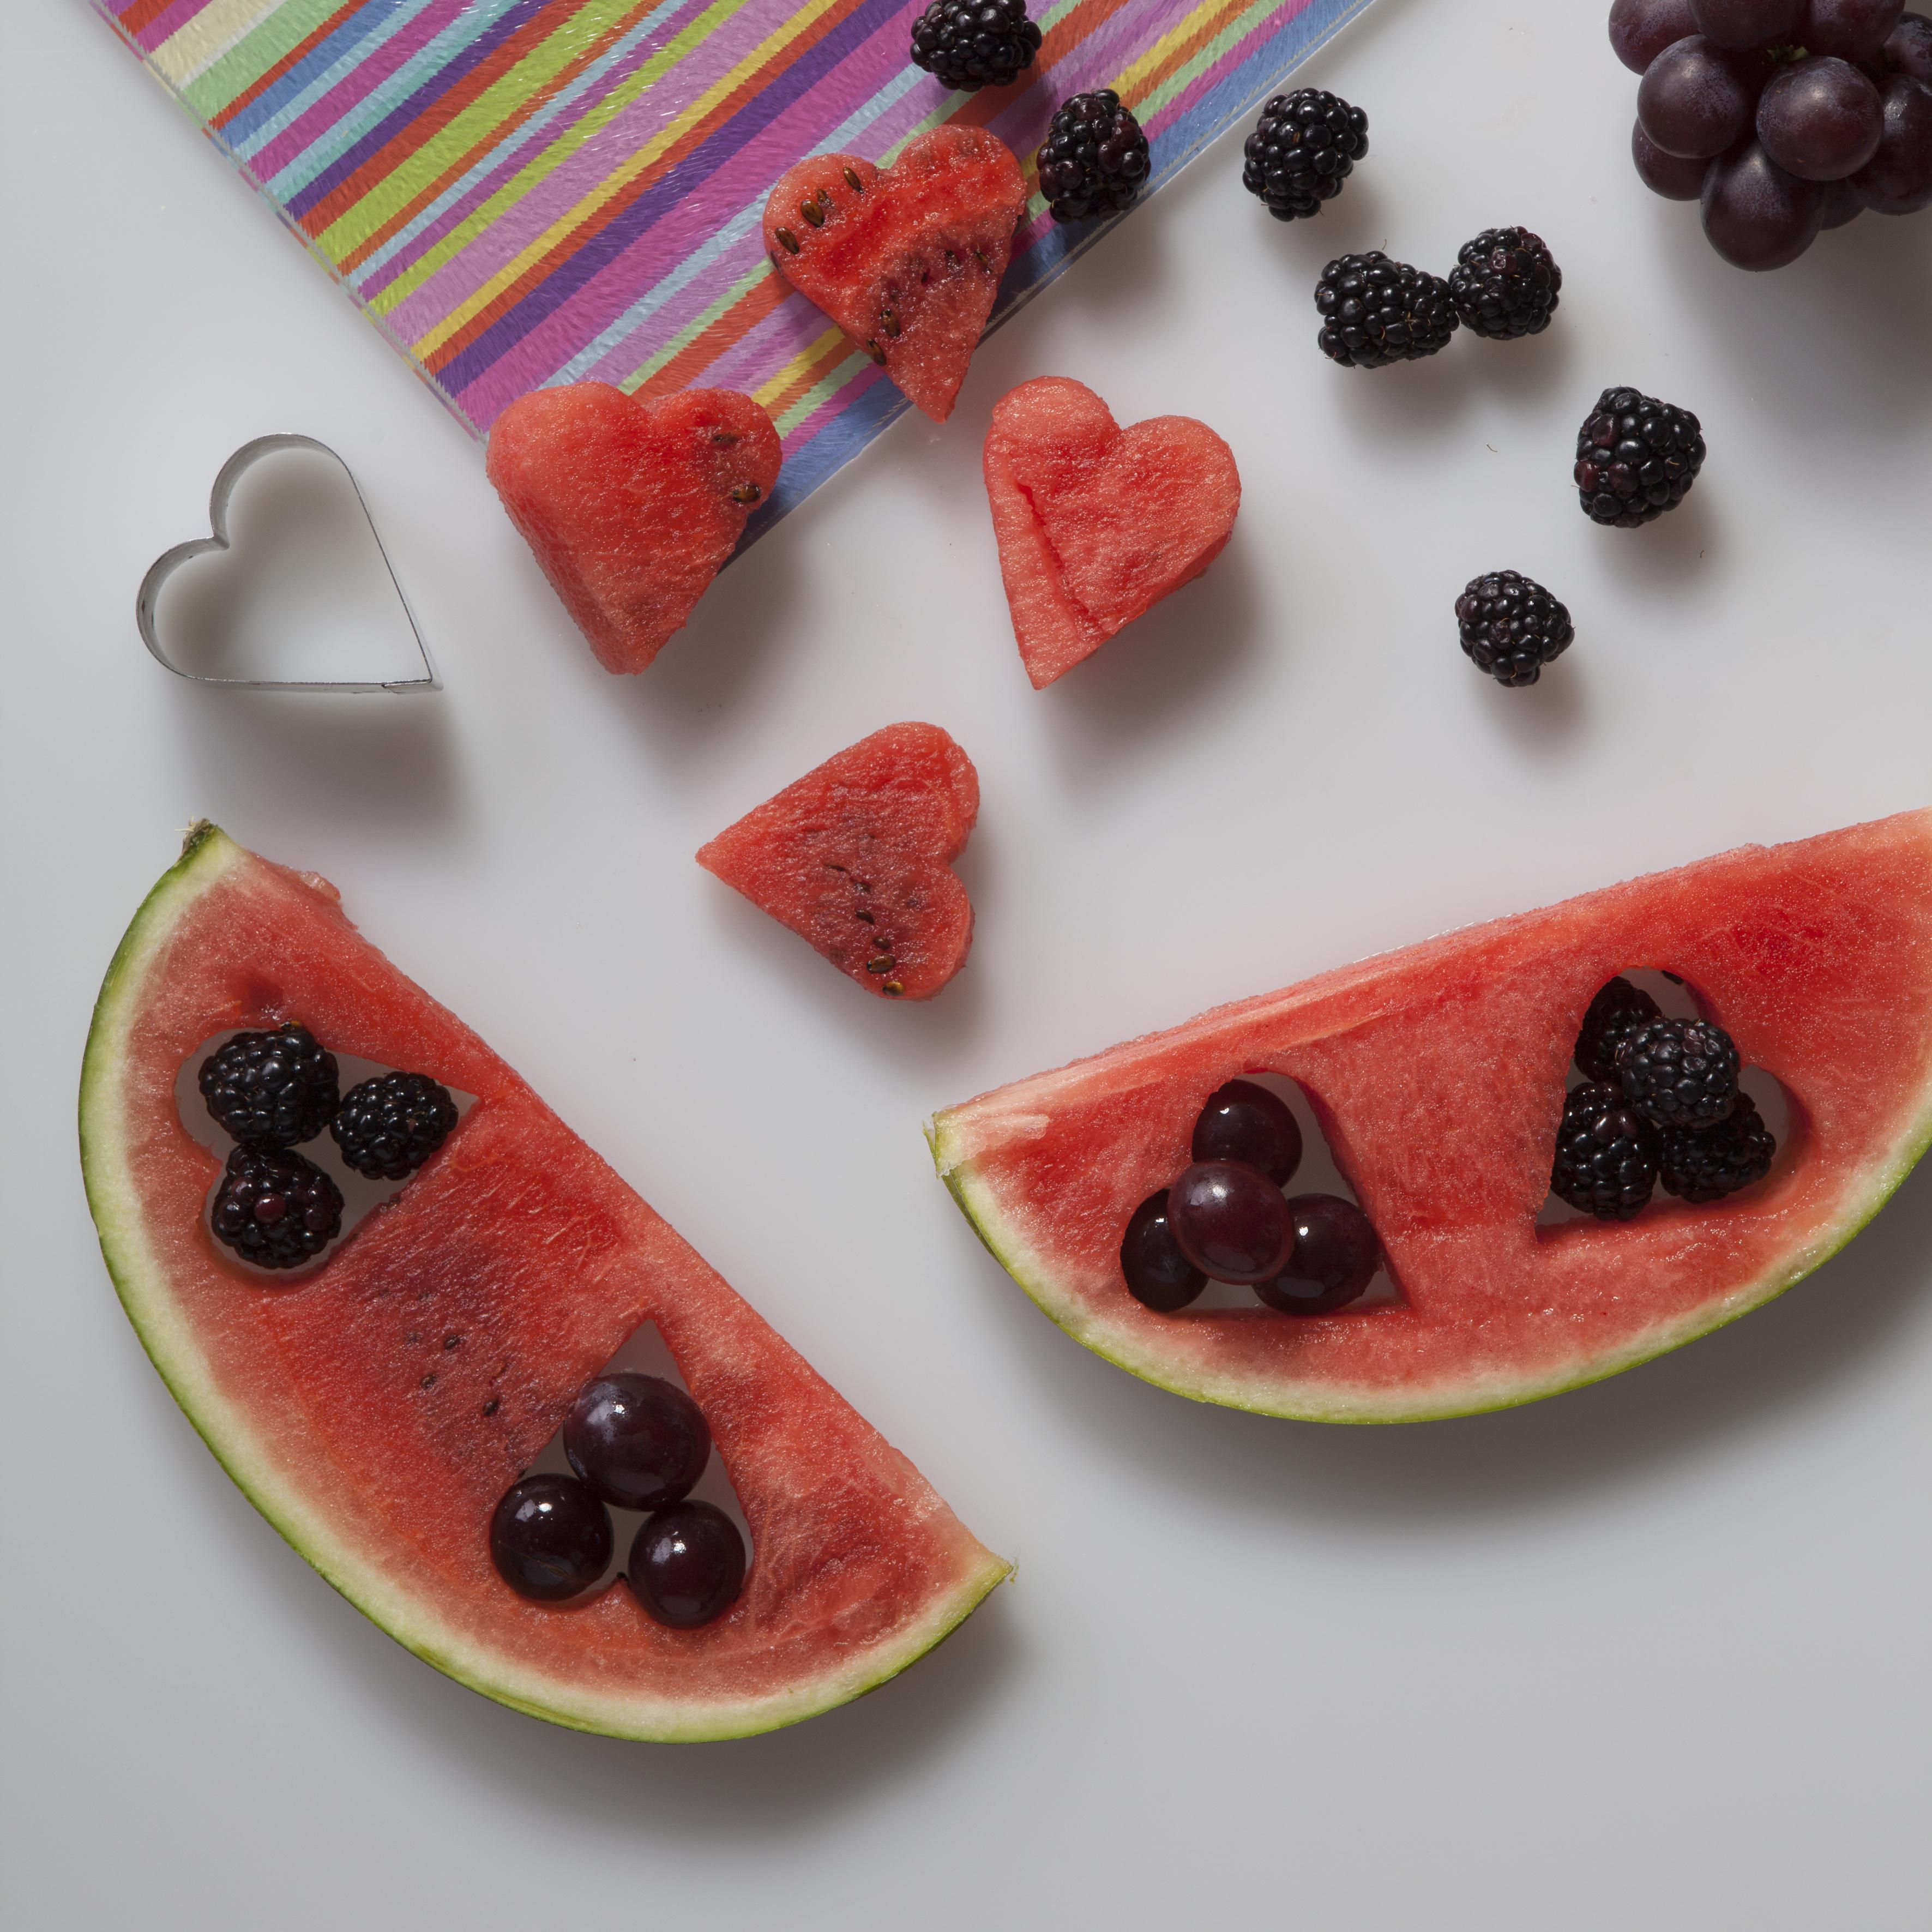 Dentro de corações de fruta